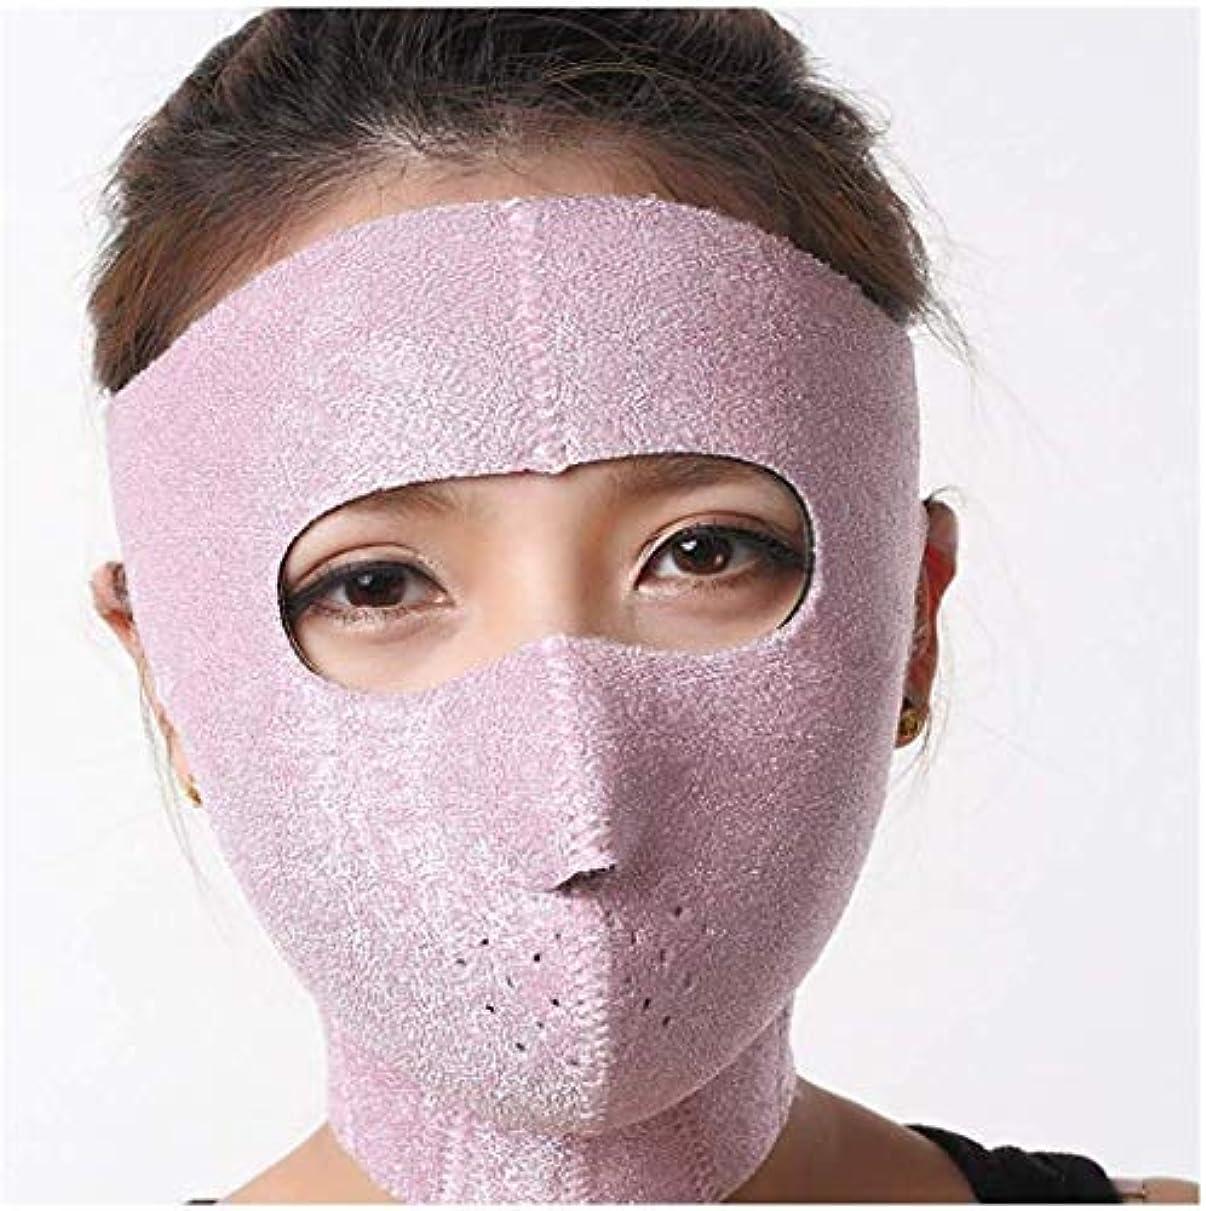 チョコレート振る自動化美容と実用的なSlim身ベルト、フェイシャルマスク薄い顔マスク睡眠薄い顔マスク薄い顔包帯薄い顔アーティファクト薄い顔顔リフティング薄い顔小さなV顔睡眠薄い顔ベルト